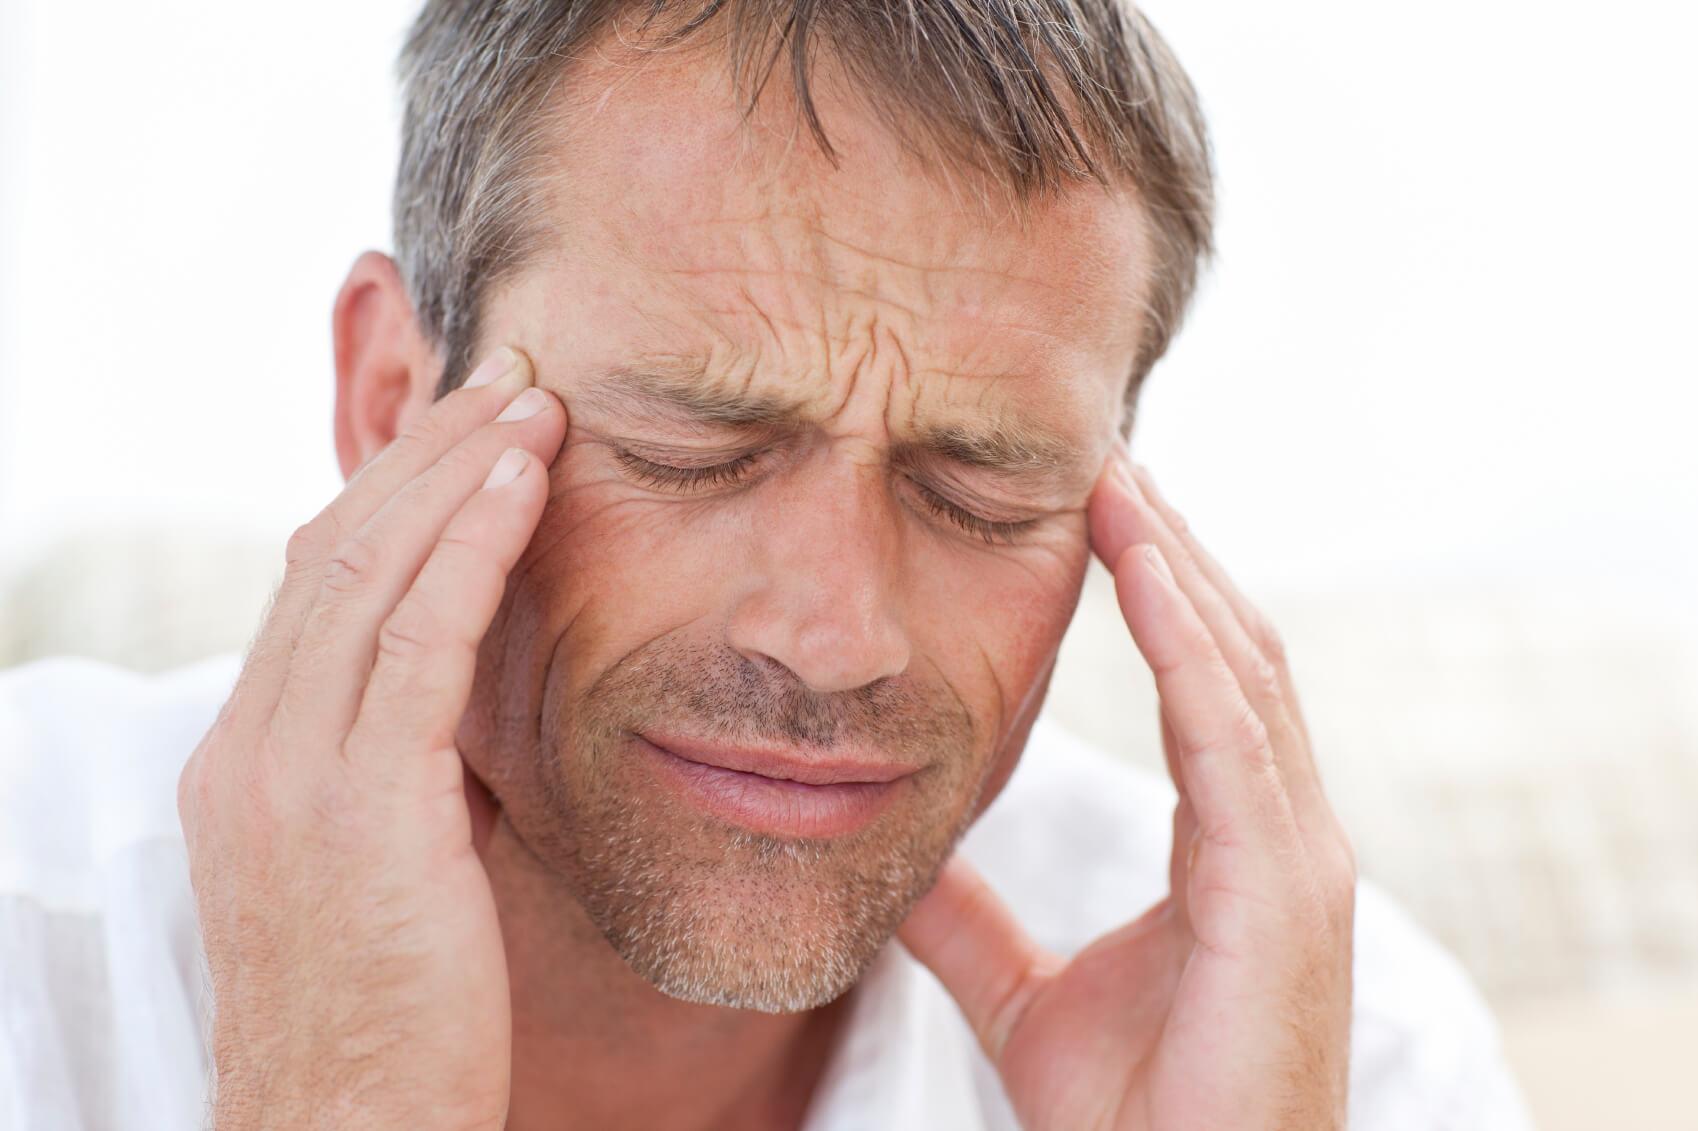 Почему возникает головная боль при кашле, и как с ней бороться